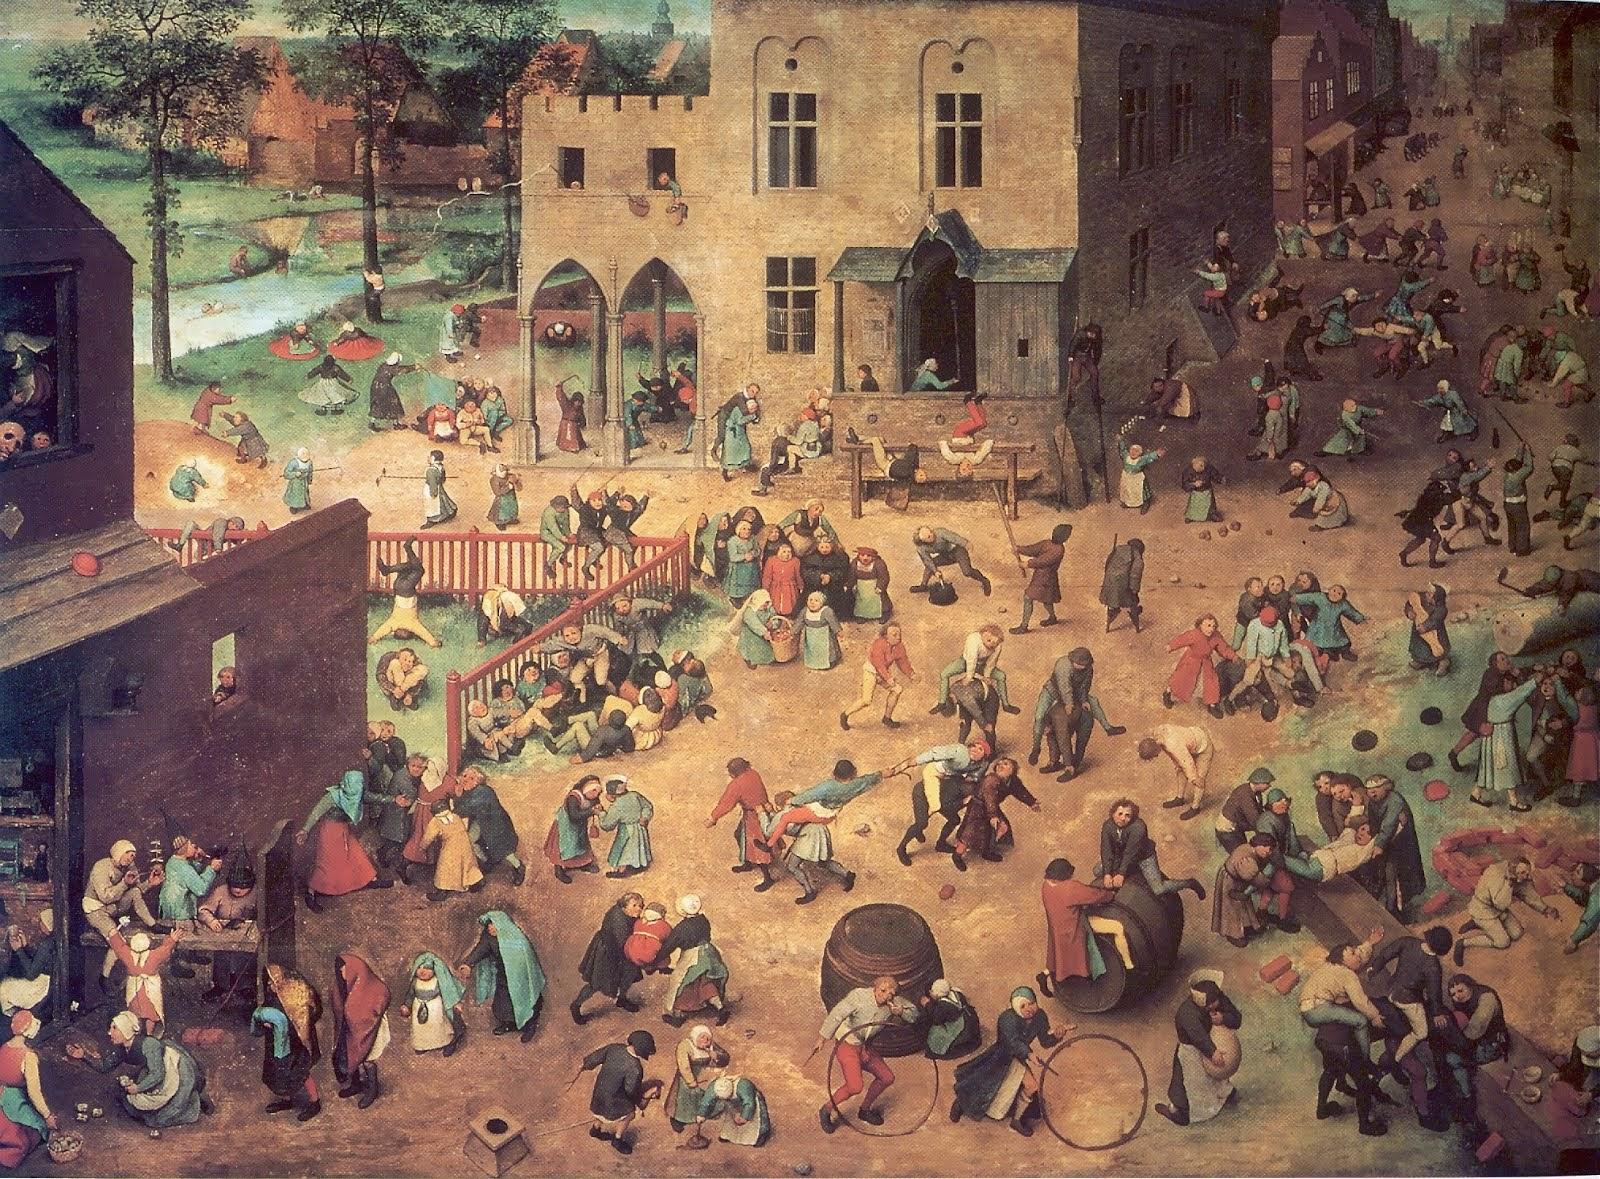 Les jeux d'enfants par Brueghel